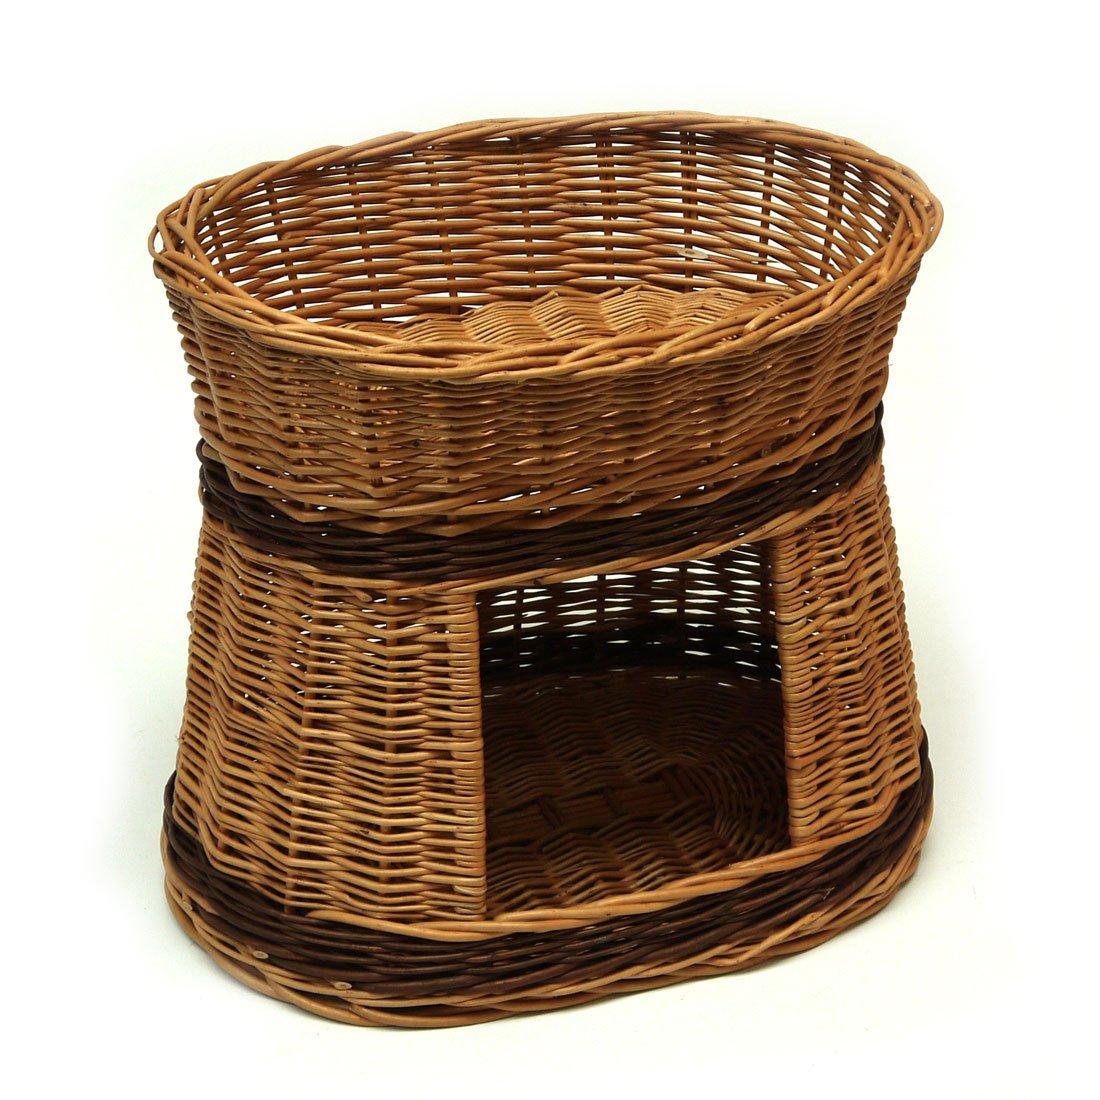 Wicker Oval Two Tier Pet Bed Basket House